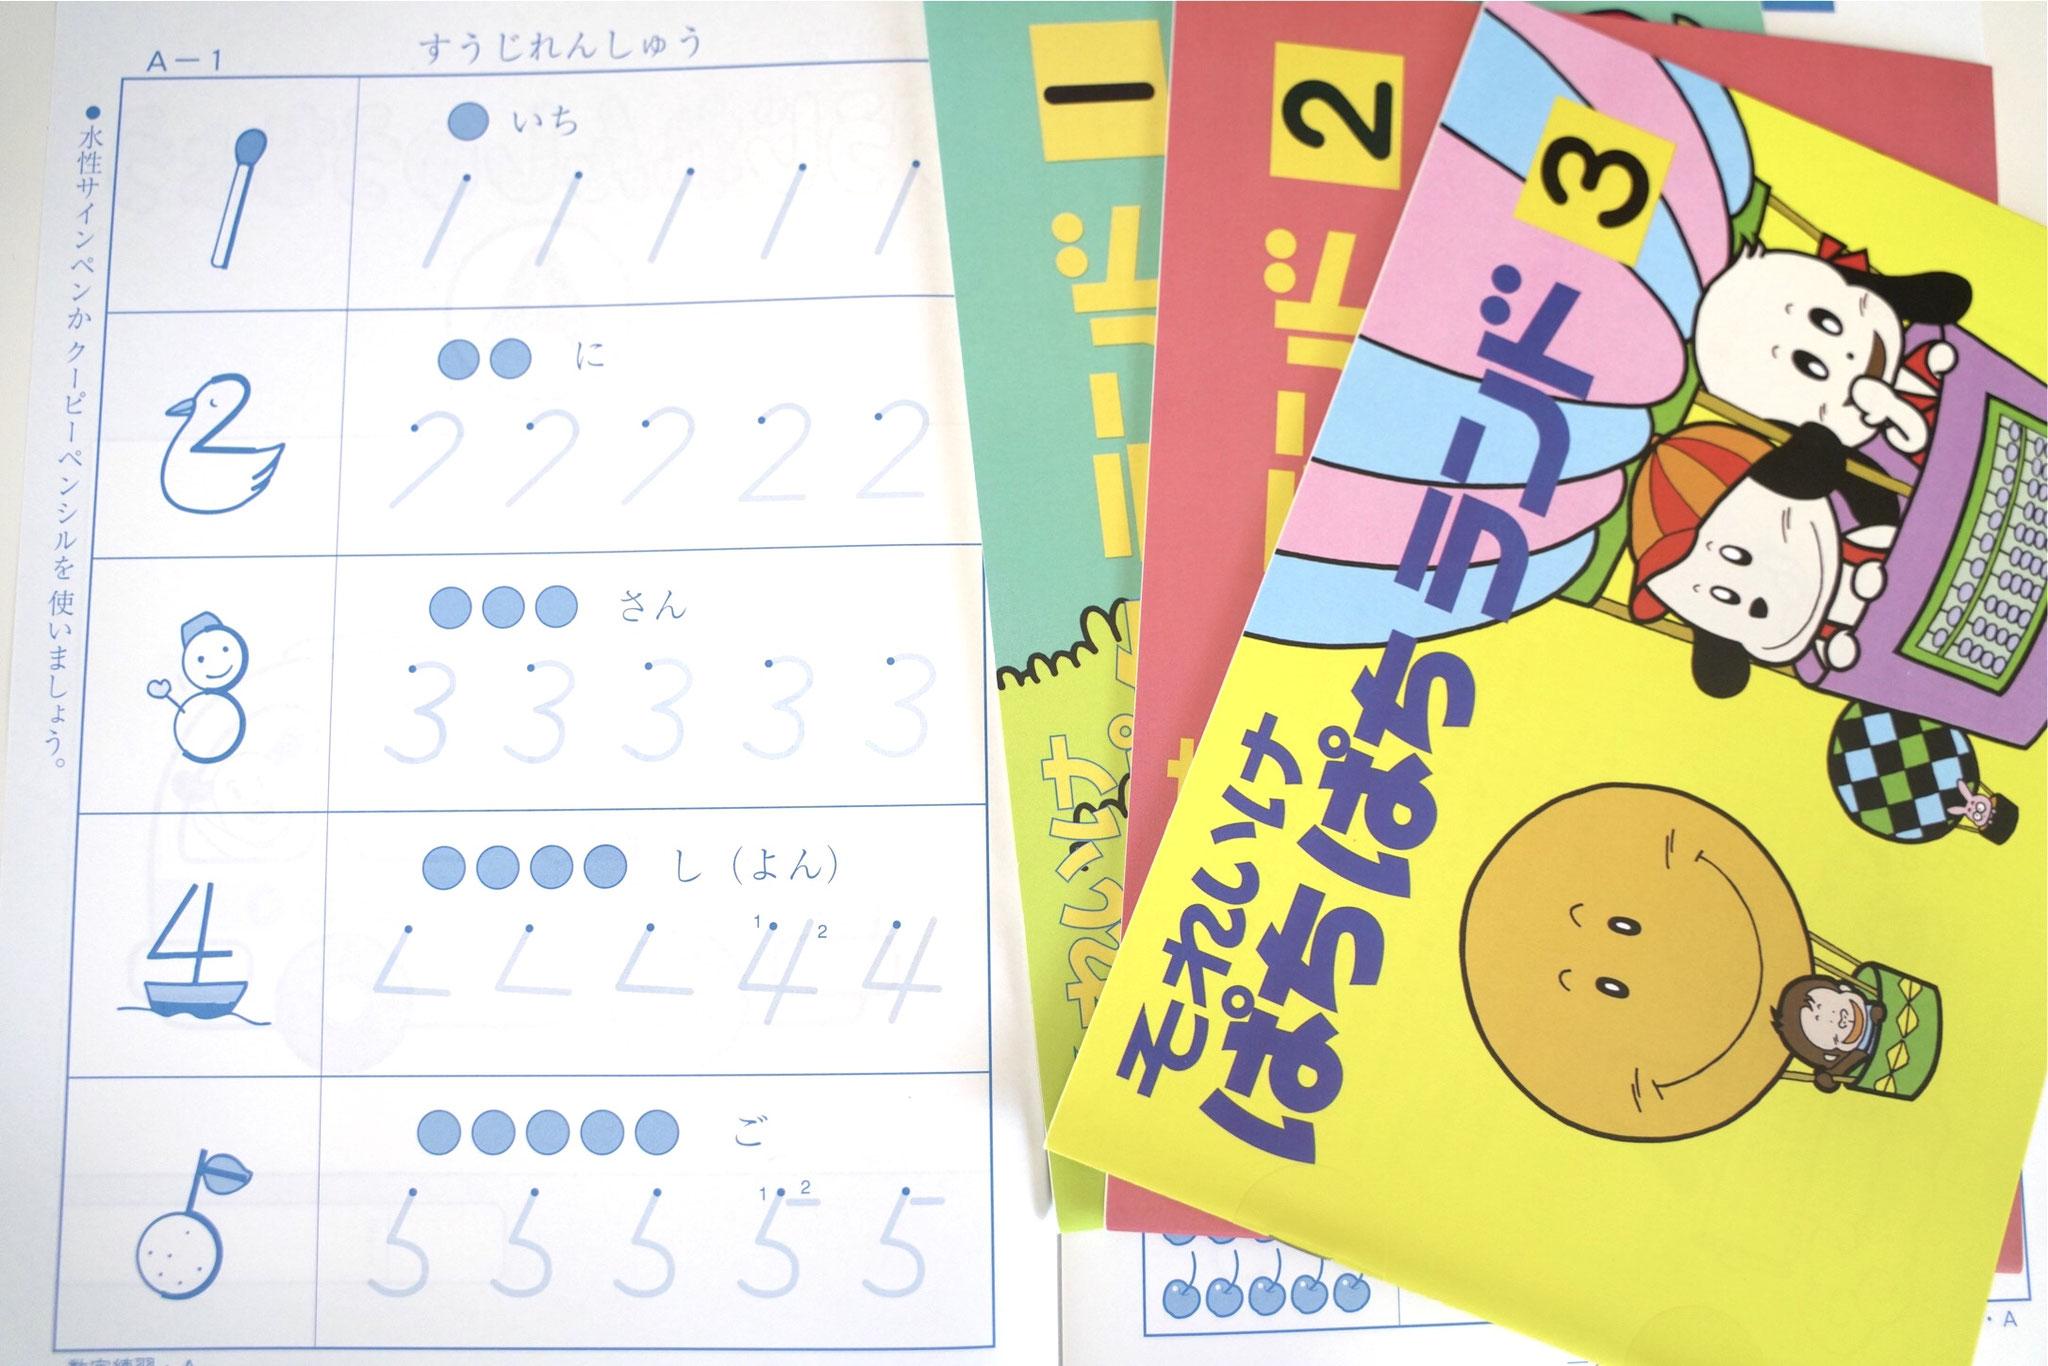 幼児ちゃんテキスト。数字の書き方から練習します。